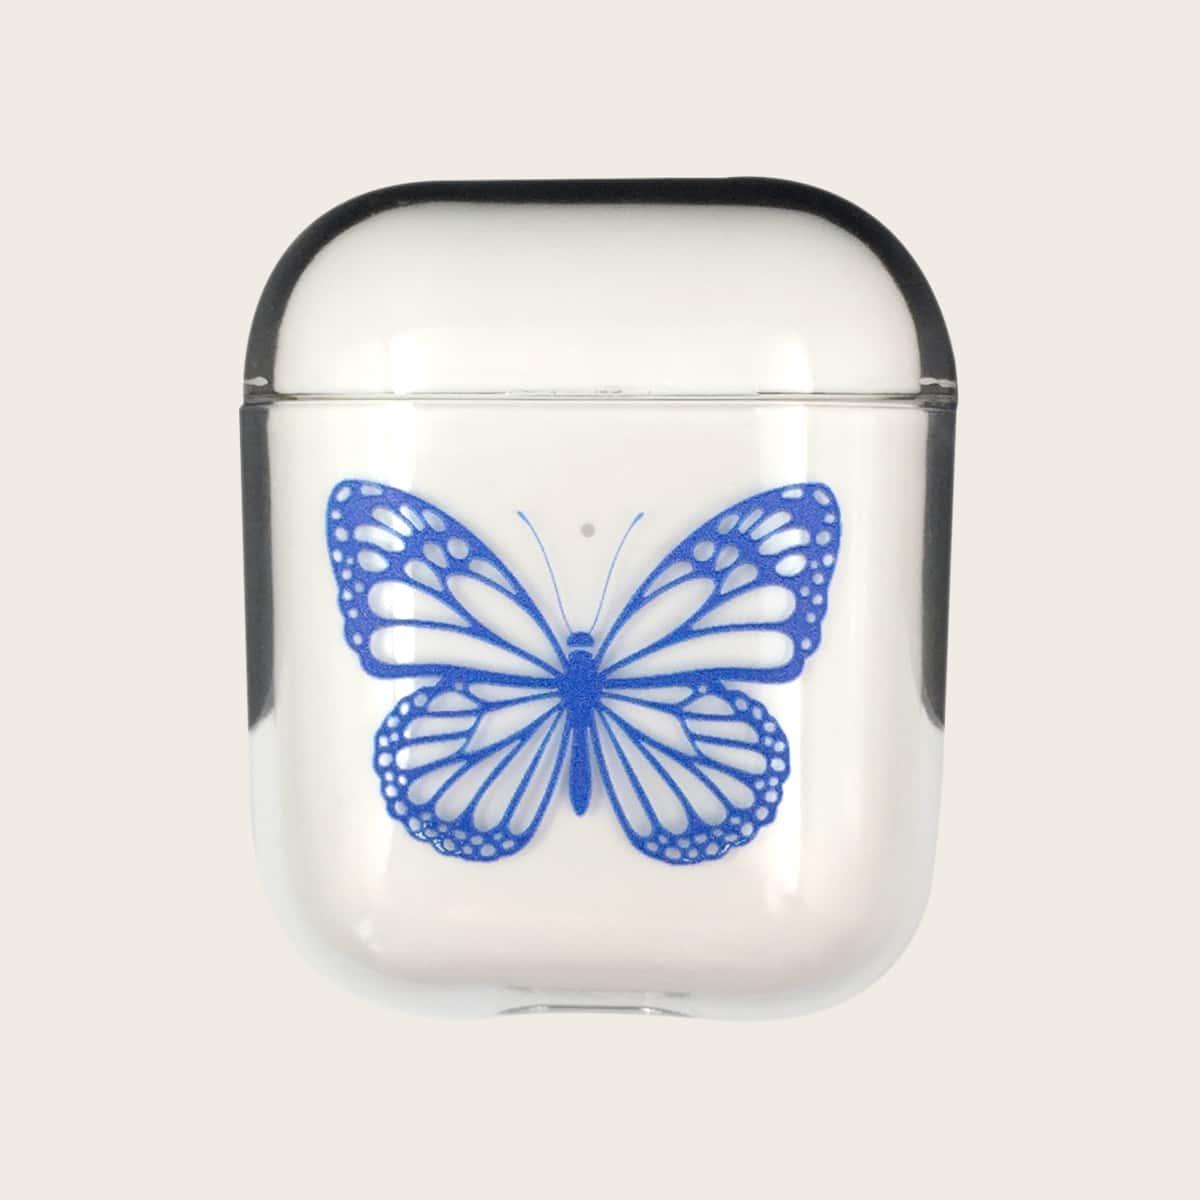 SHEIN / 1 Stück Transparente Airpods Hülle mit Schmetterling Muster